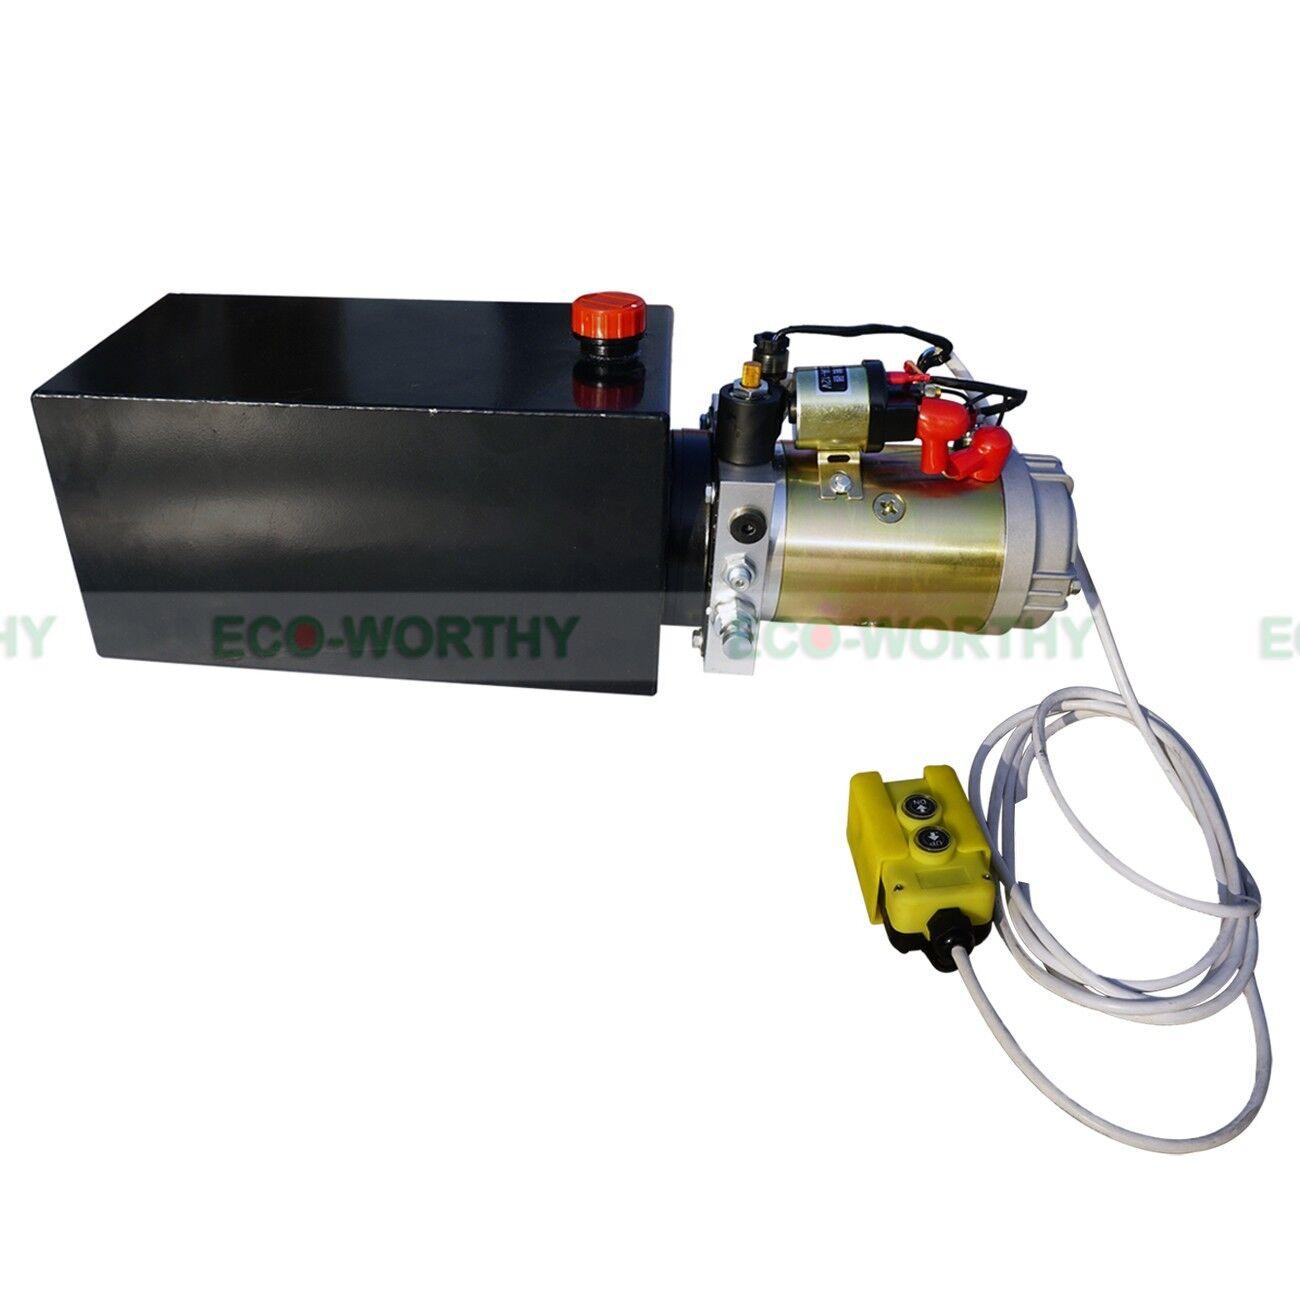 Bucher Hydraulics Wiring Diagram Reveolution Of Lenze Diagrams Monarch Hydraulic Pump Electric Motor Komatsu